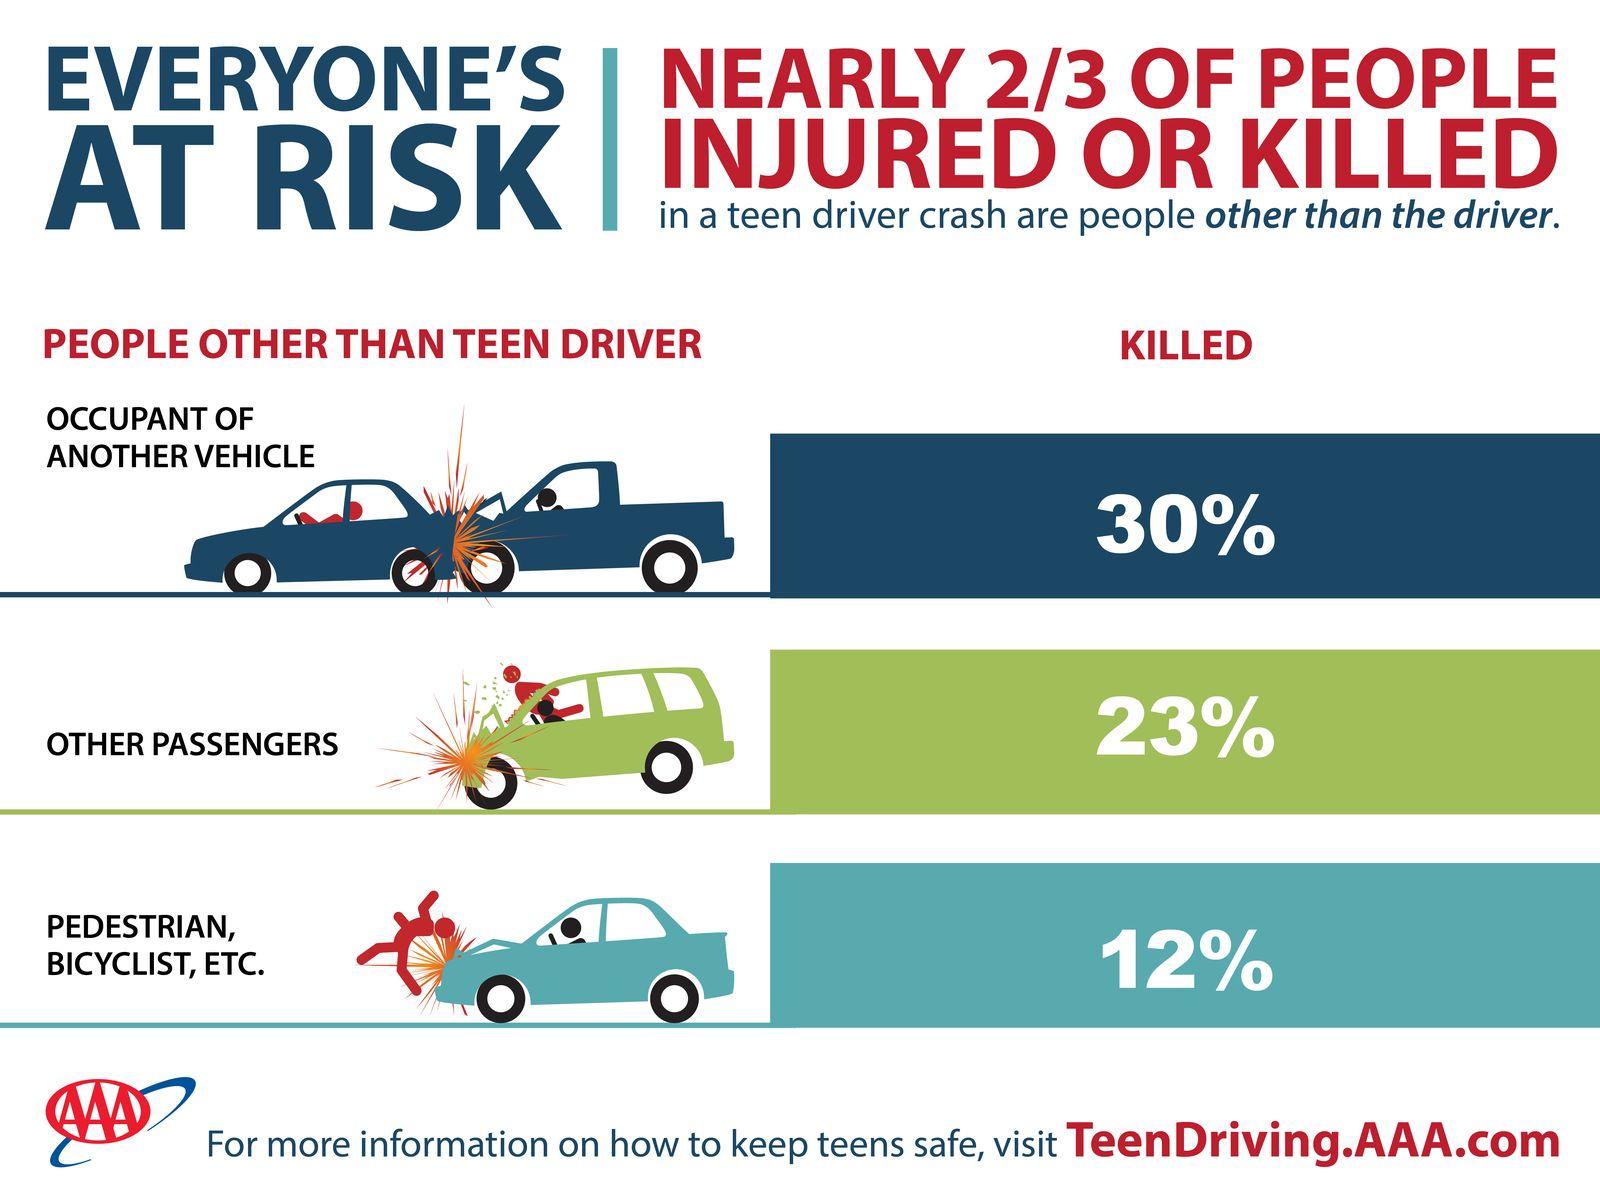 18-0652_Everyones-At-Risk-Update